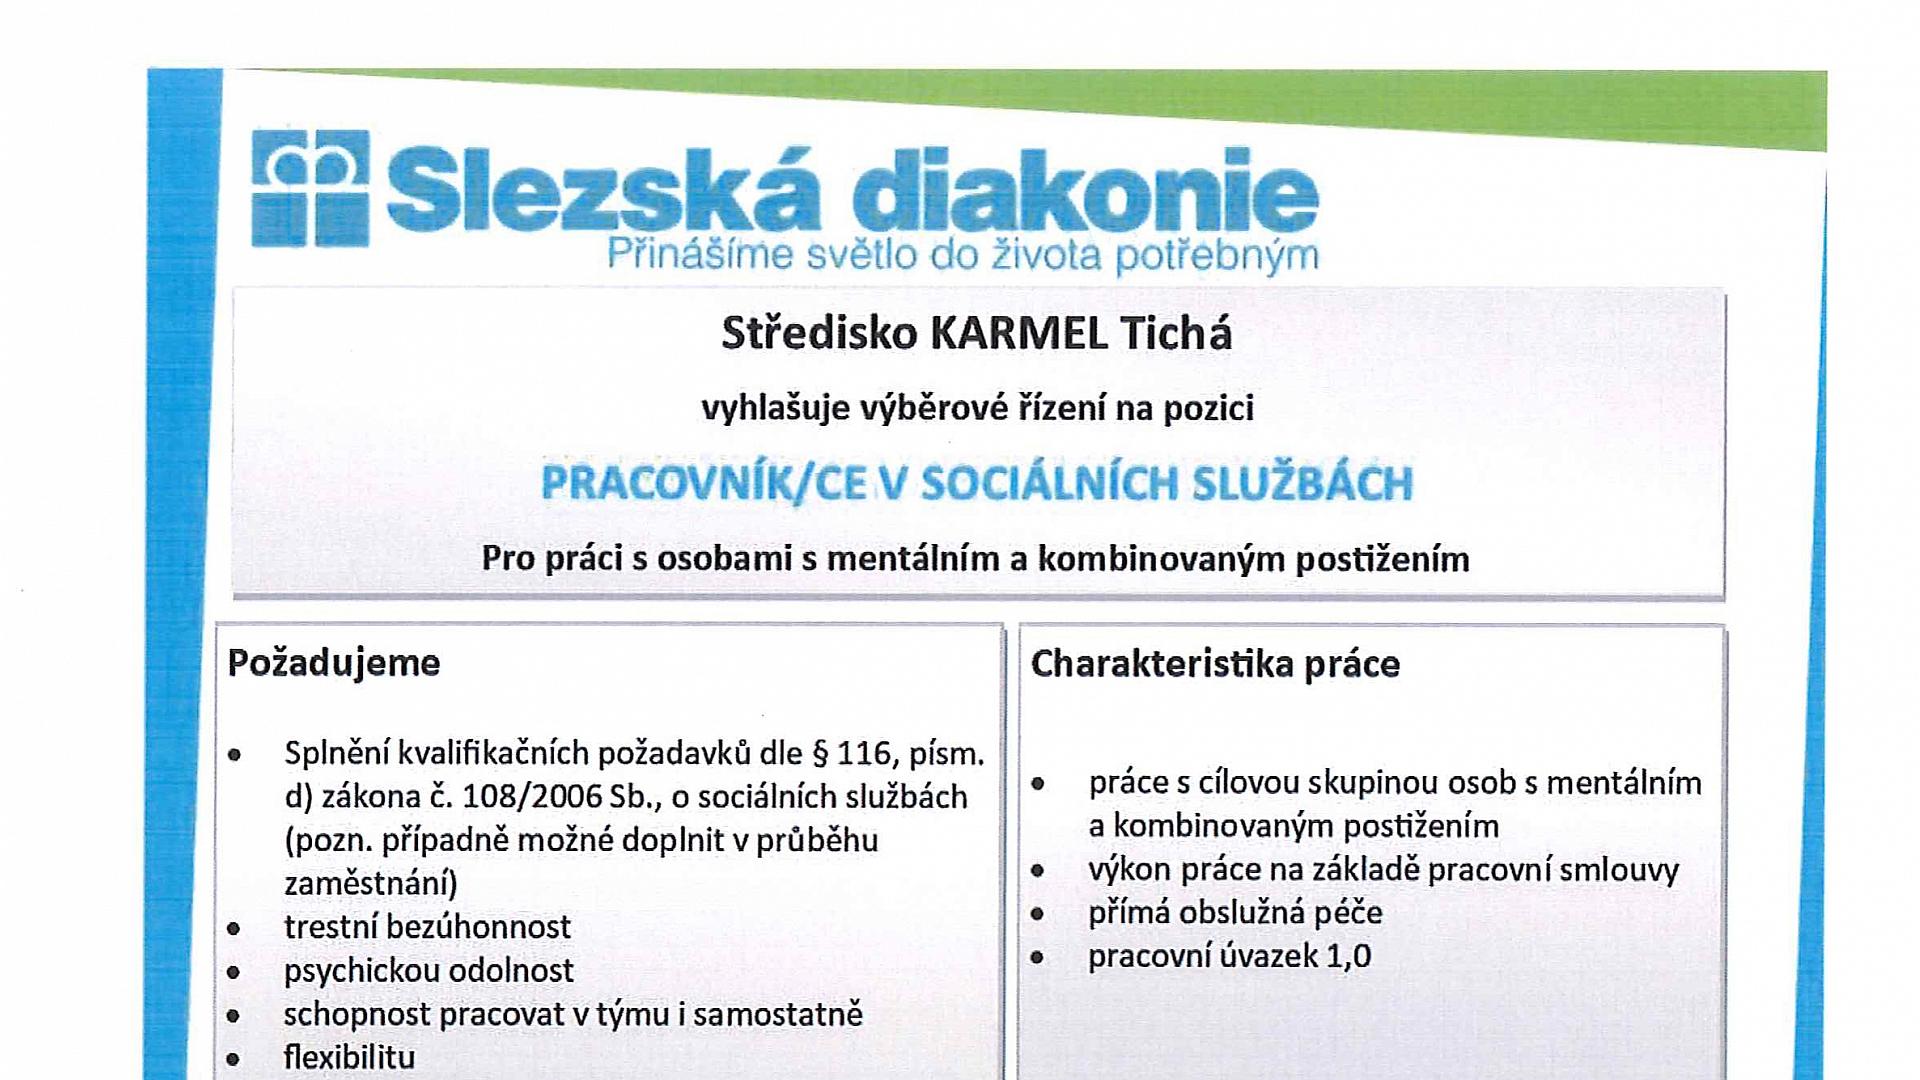 Slezská diakonie - Středisko KARMEL Tichá vyhlašuje výběrové řízení na pozici PRACOVNÍK/CE V SOCIÁLNÍCH SLUŽBÁCH